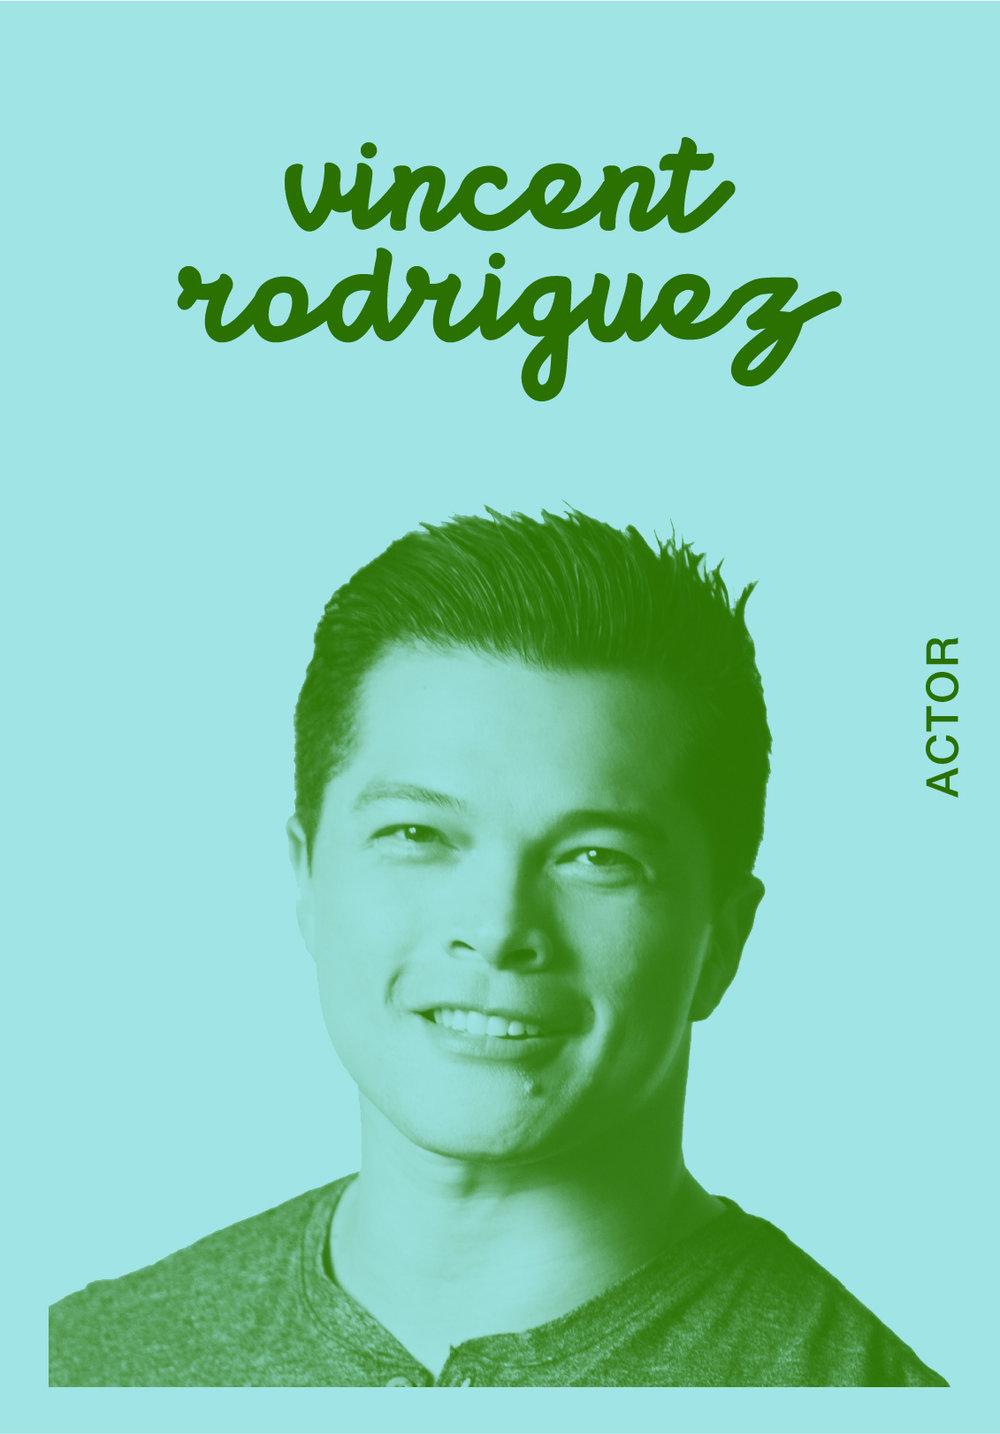 VINCENT RODRIGUEZ   WEBSITE   @VRODRIGUEZIII   IG: VTODRIGUEZIII